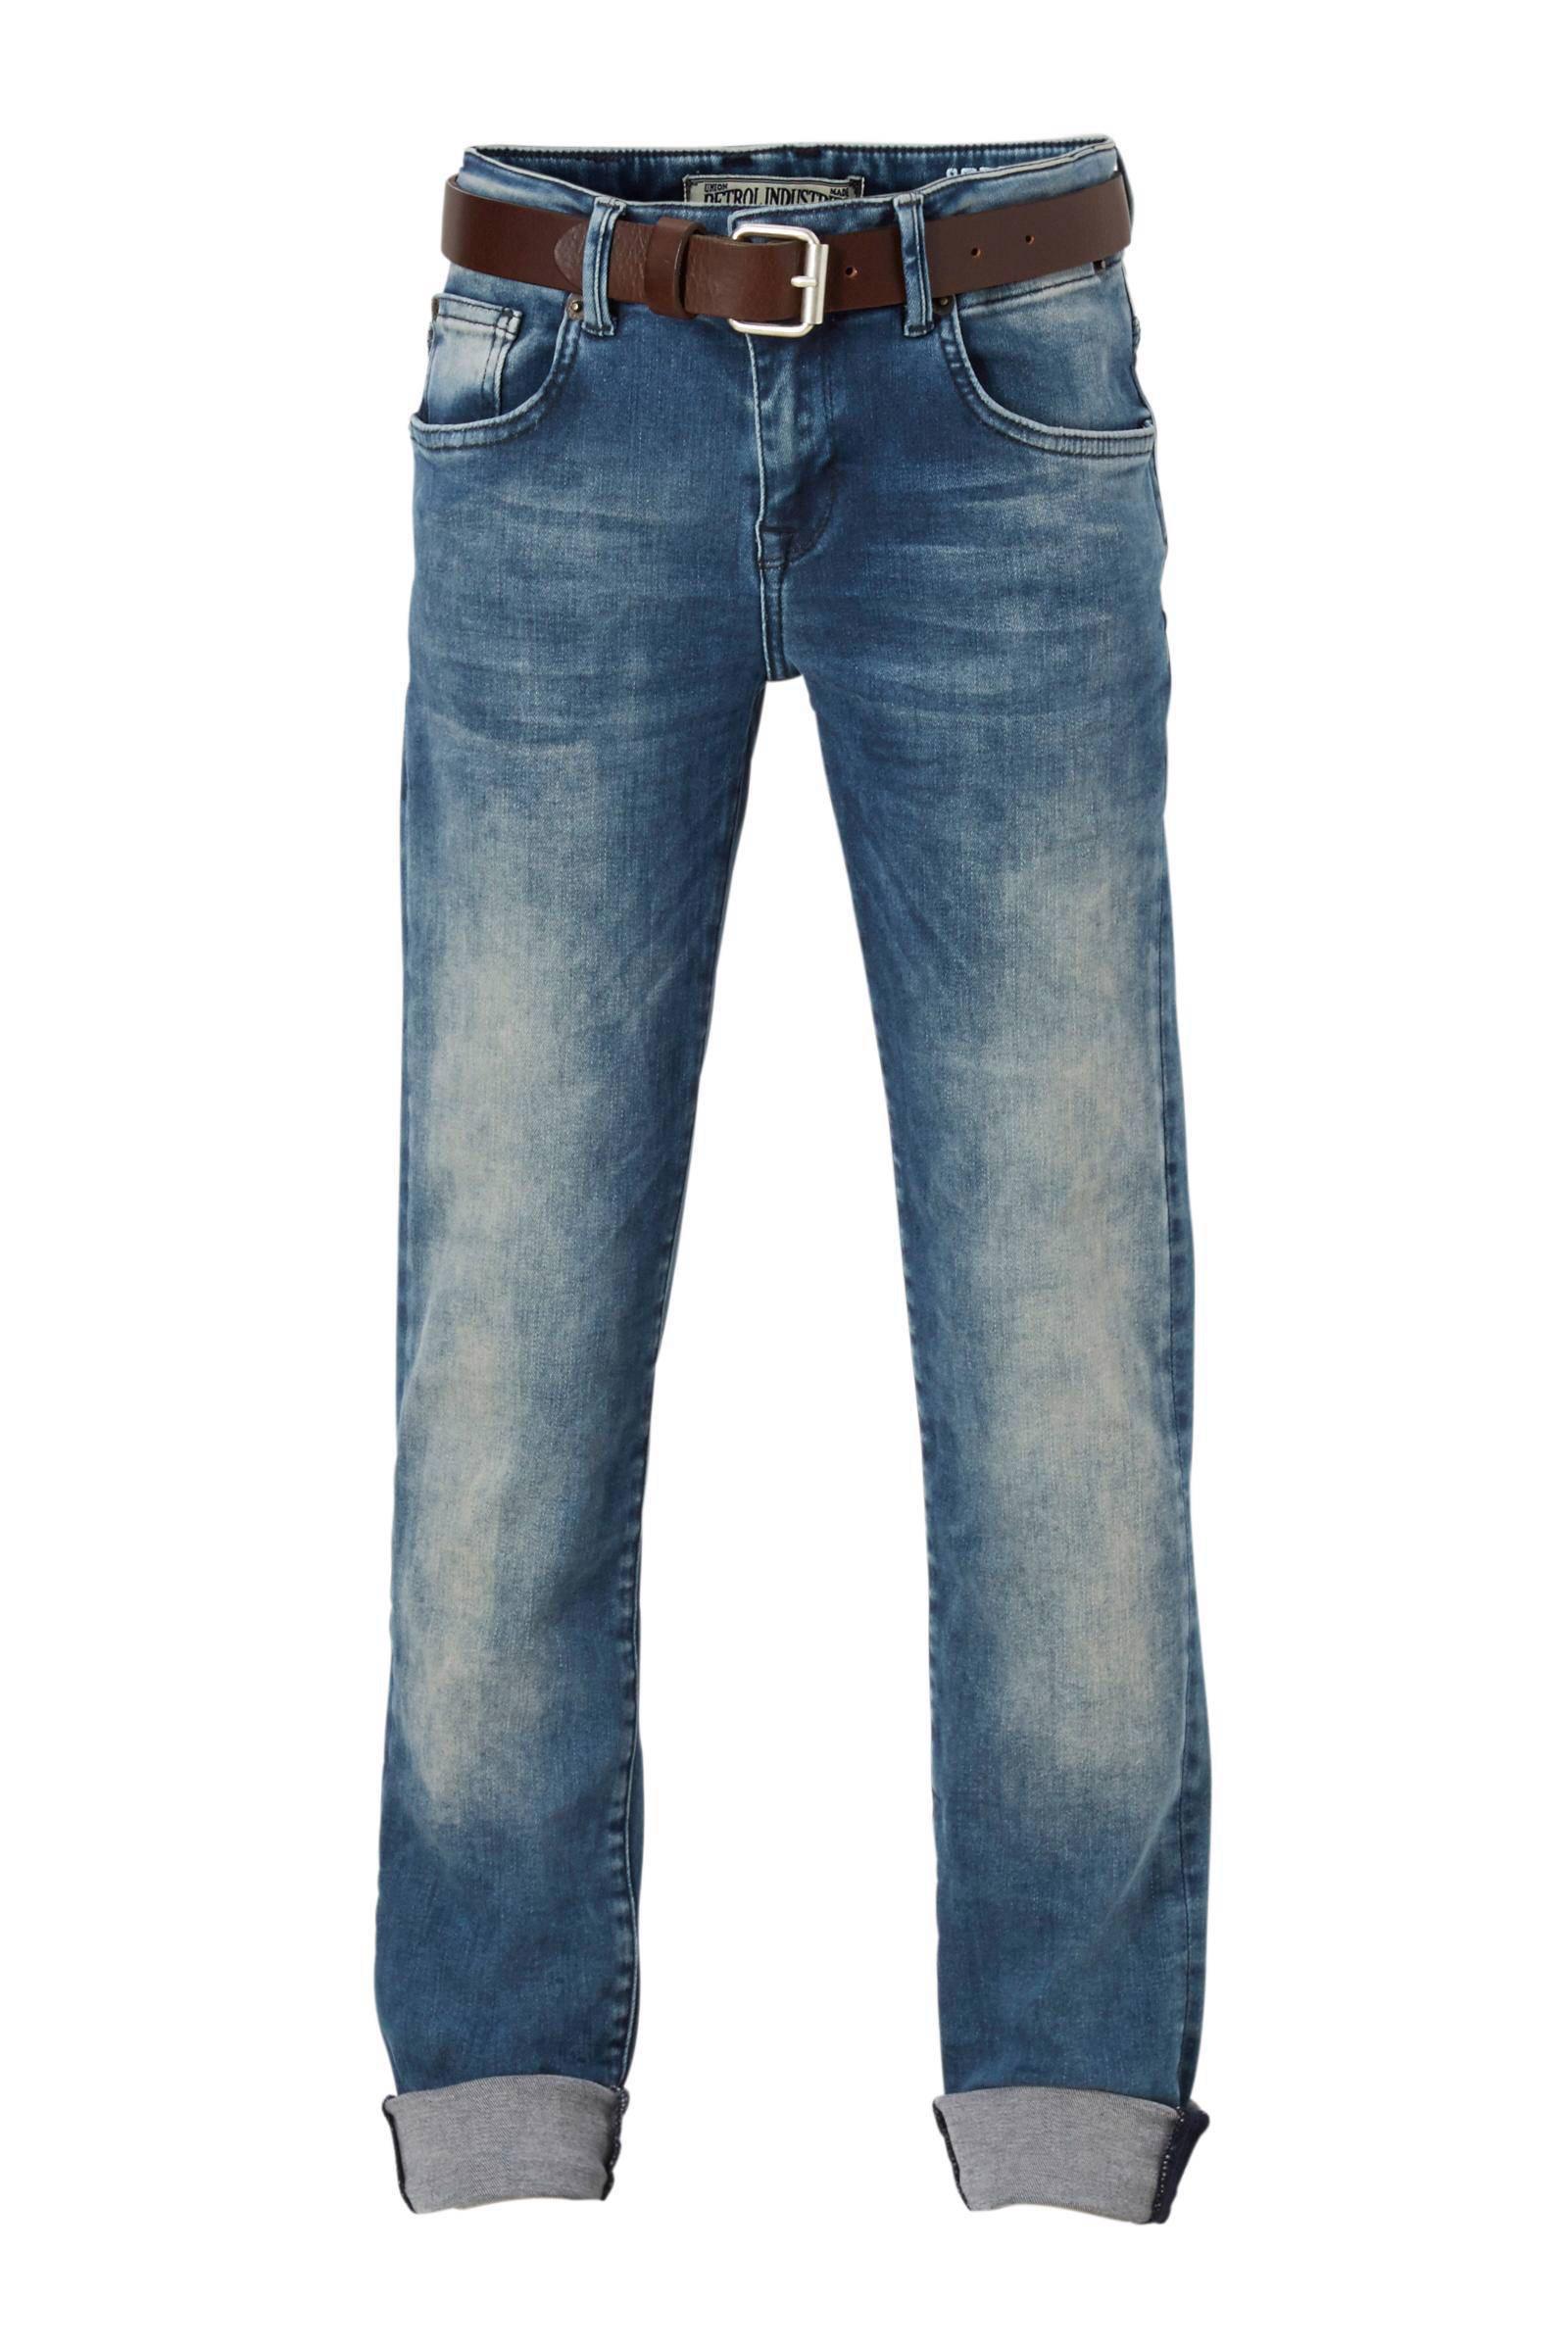 Petrol Industries Seaham slim fit jeans | wehkamp